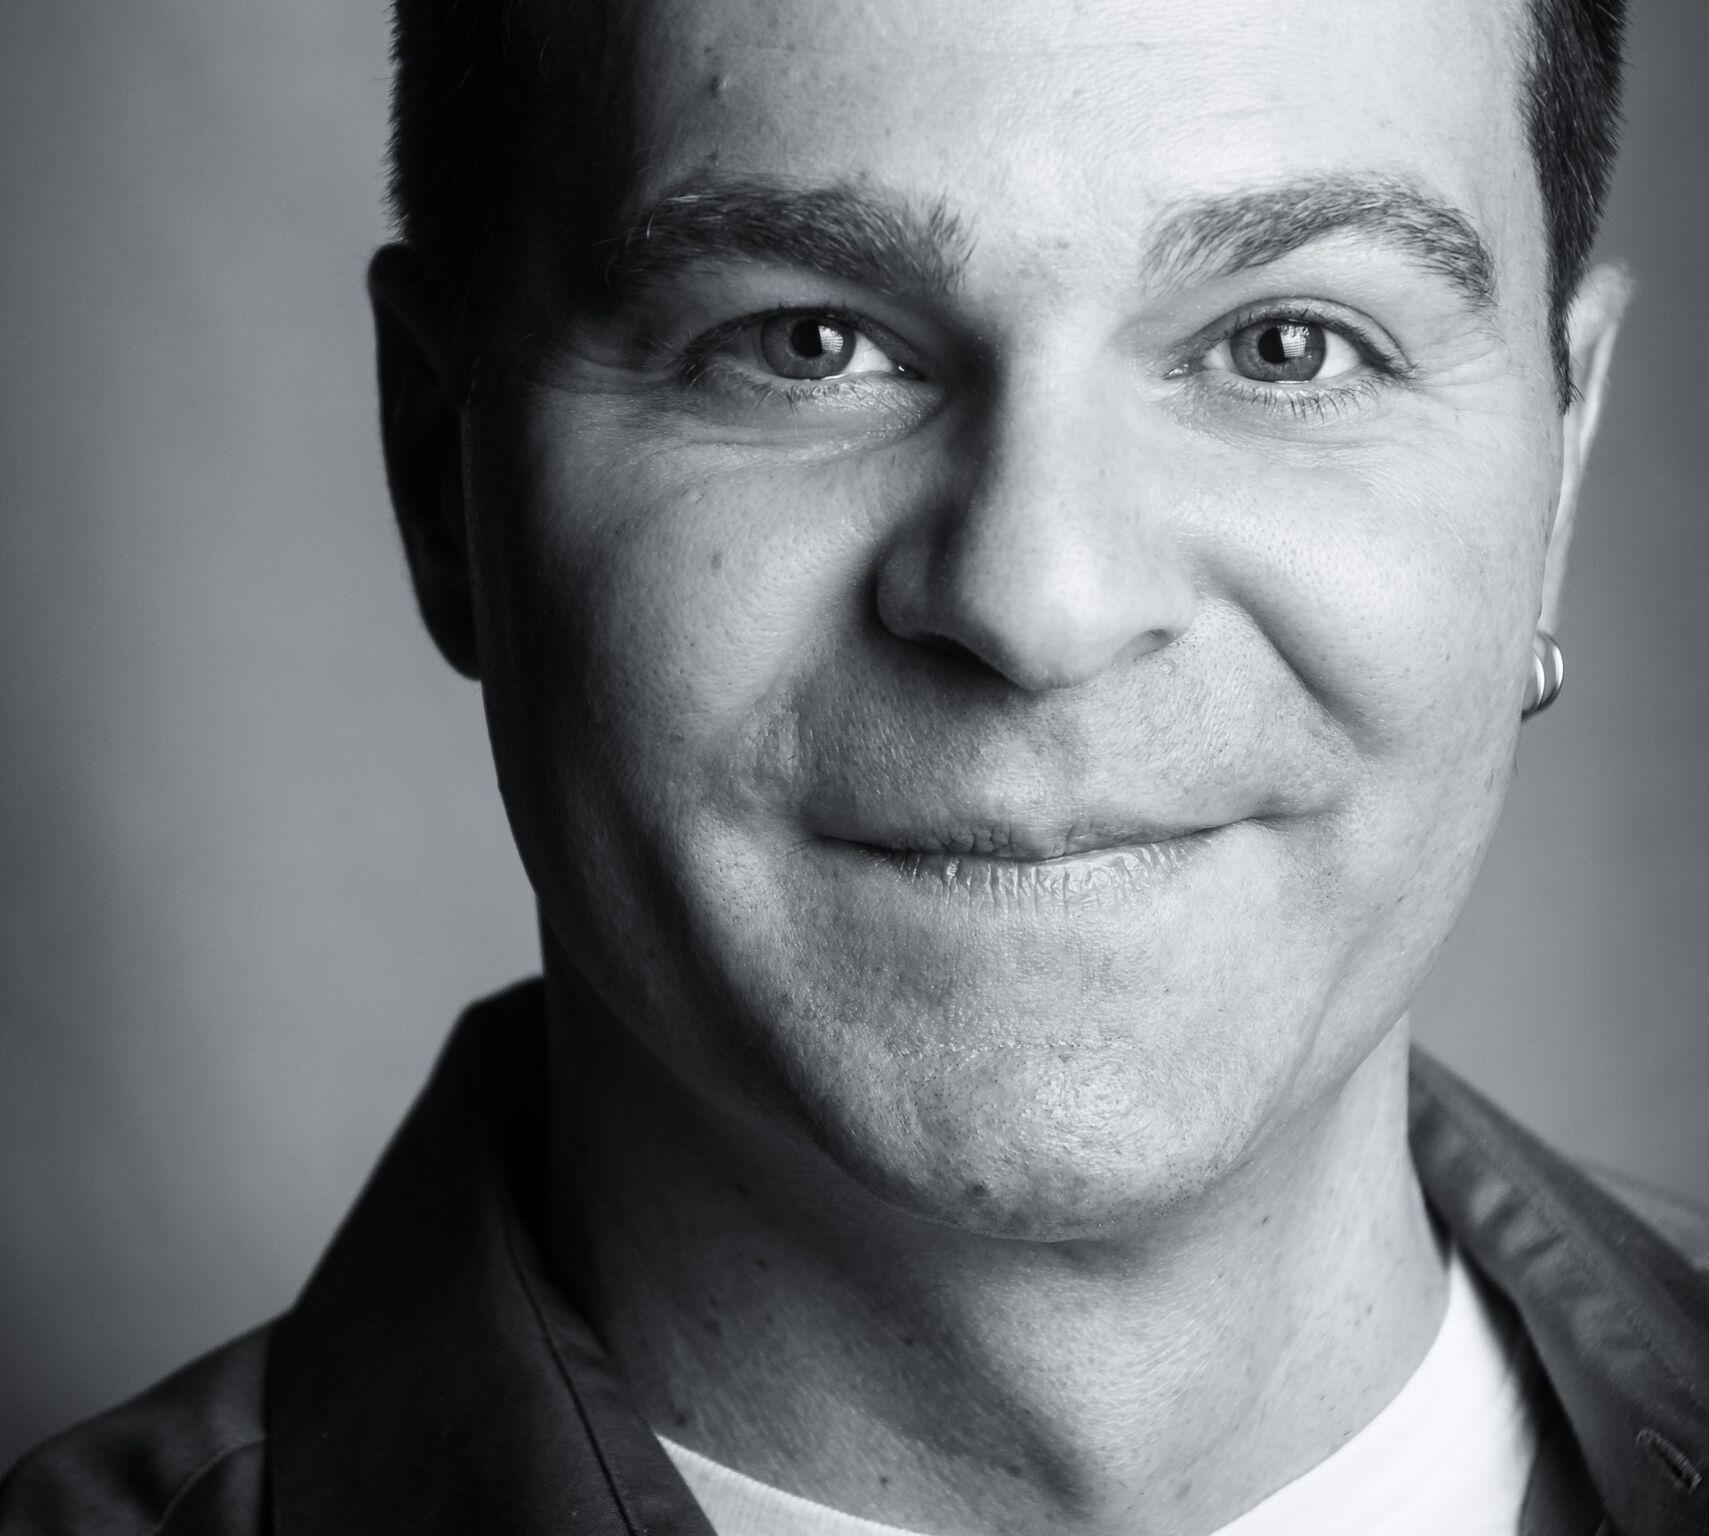 Matt Linsin - Photographer